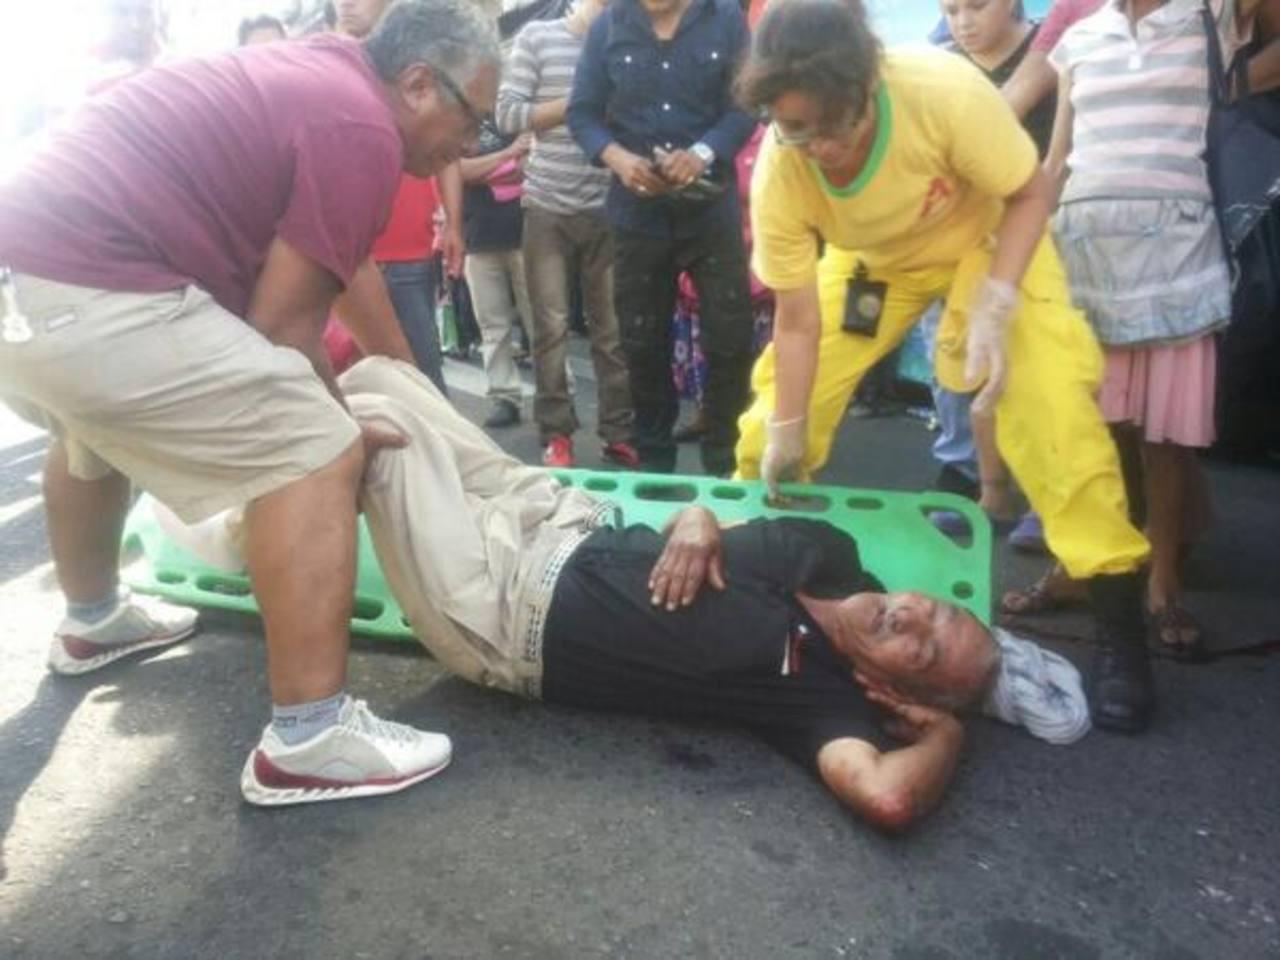 Este hombre fue atropellado en la Avenida España. FOTO EDH Jorge Reyes, vía Twitter.